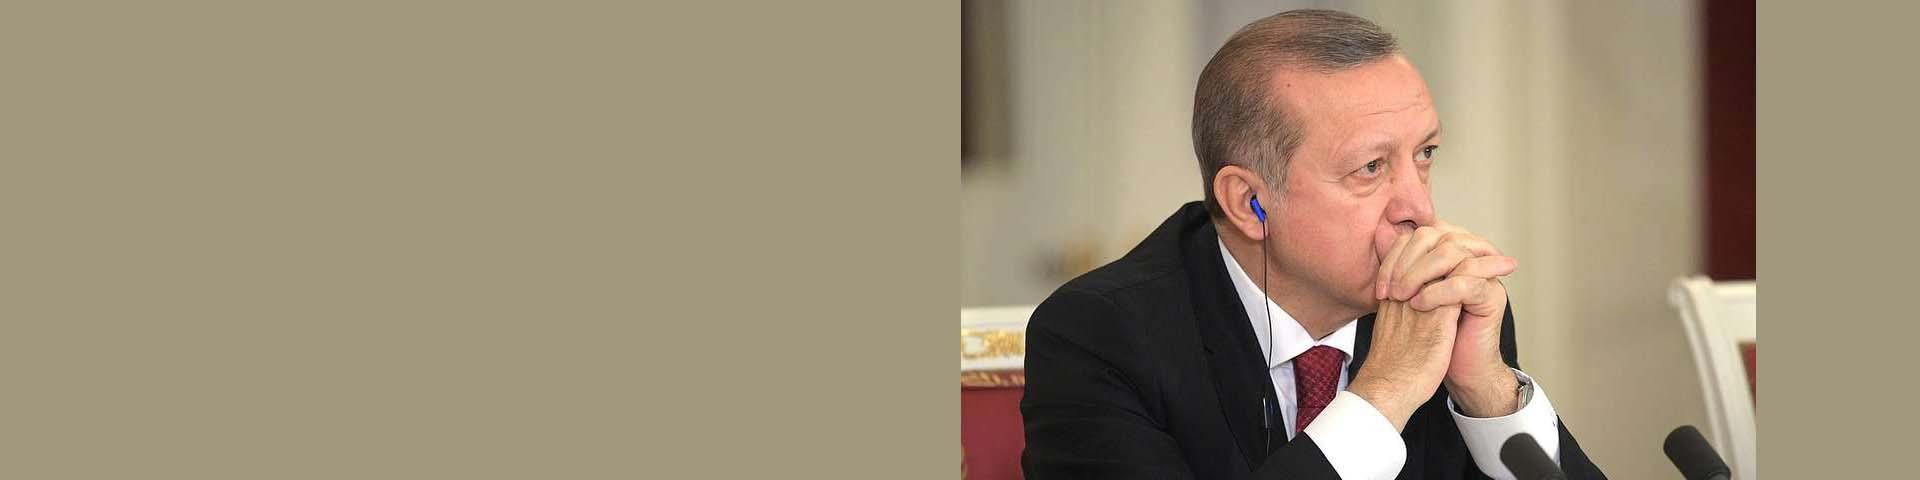 Das aktuelle Staatsoberhaupt der Türkei – Recep Tayyip Erdoğan